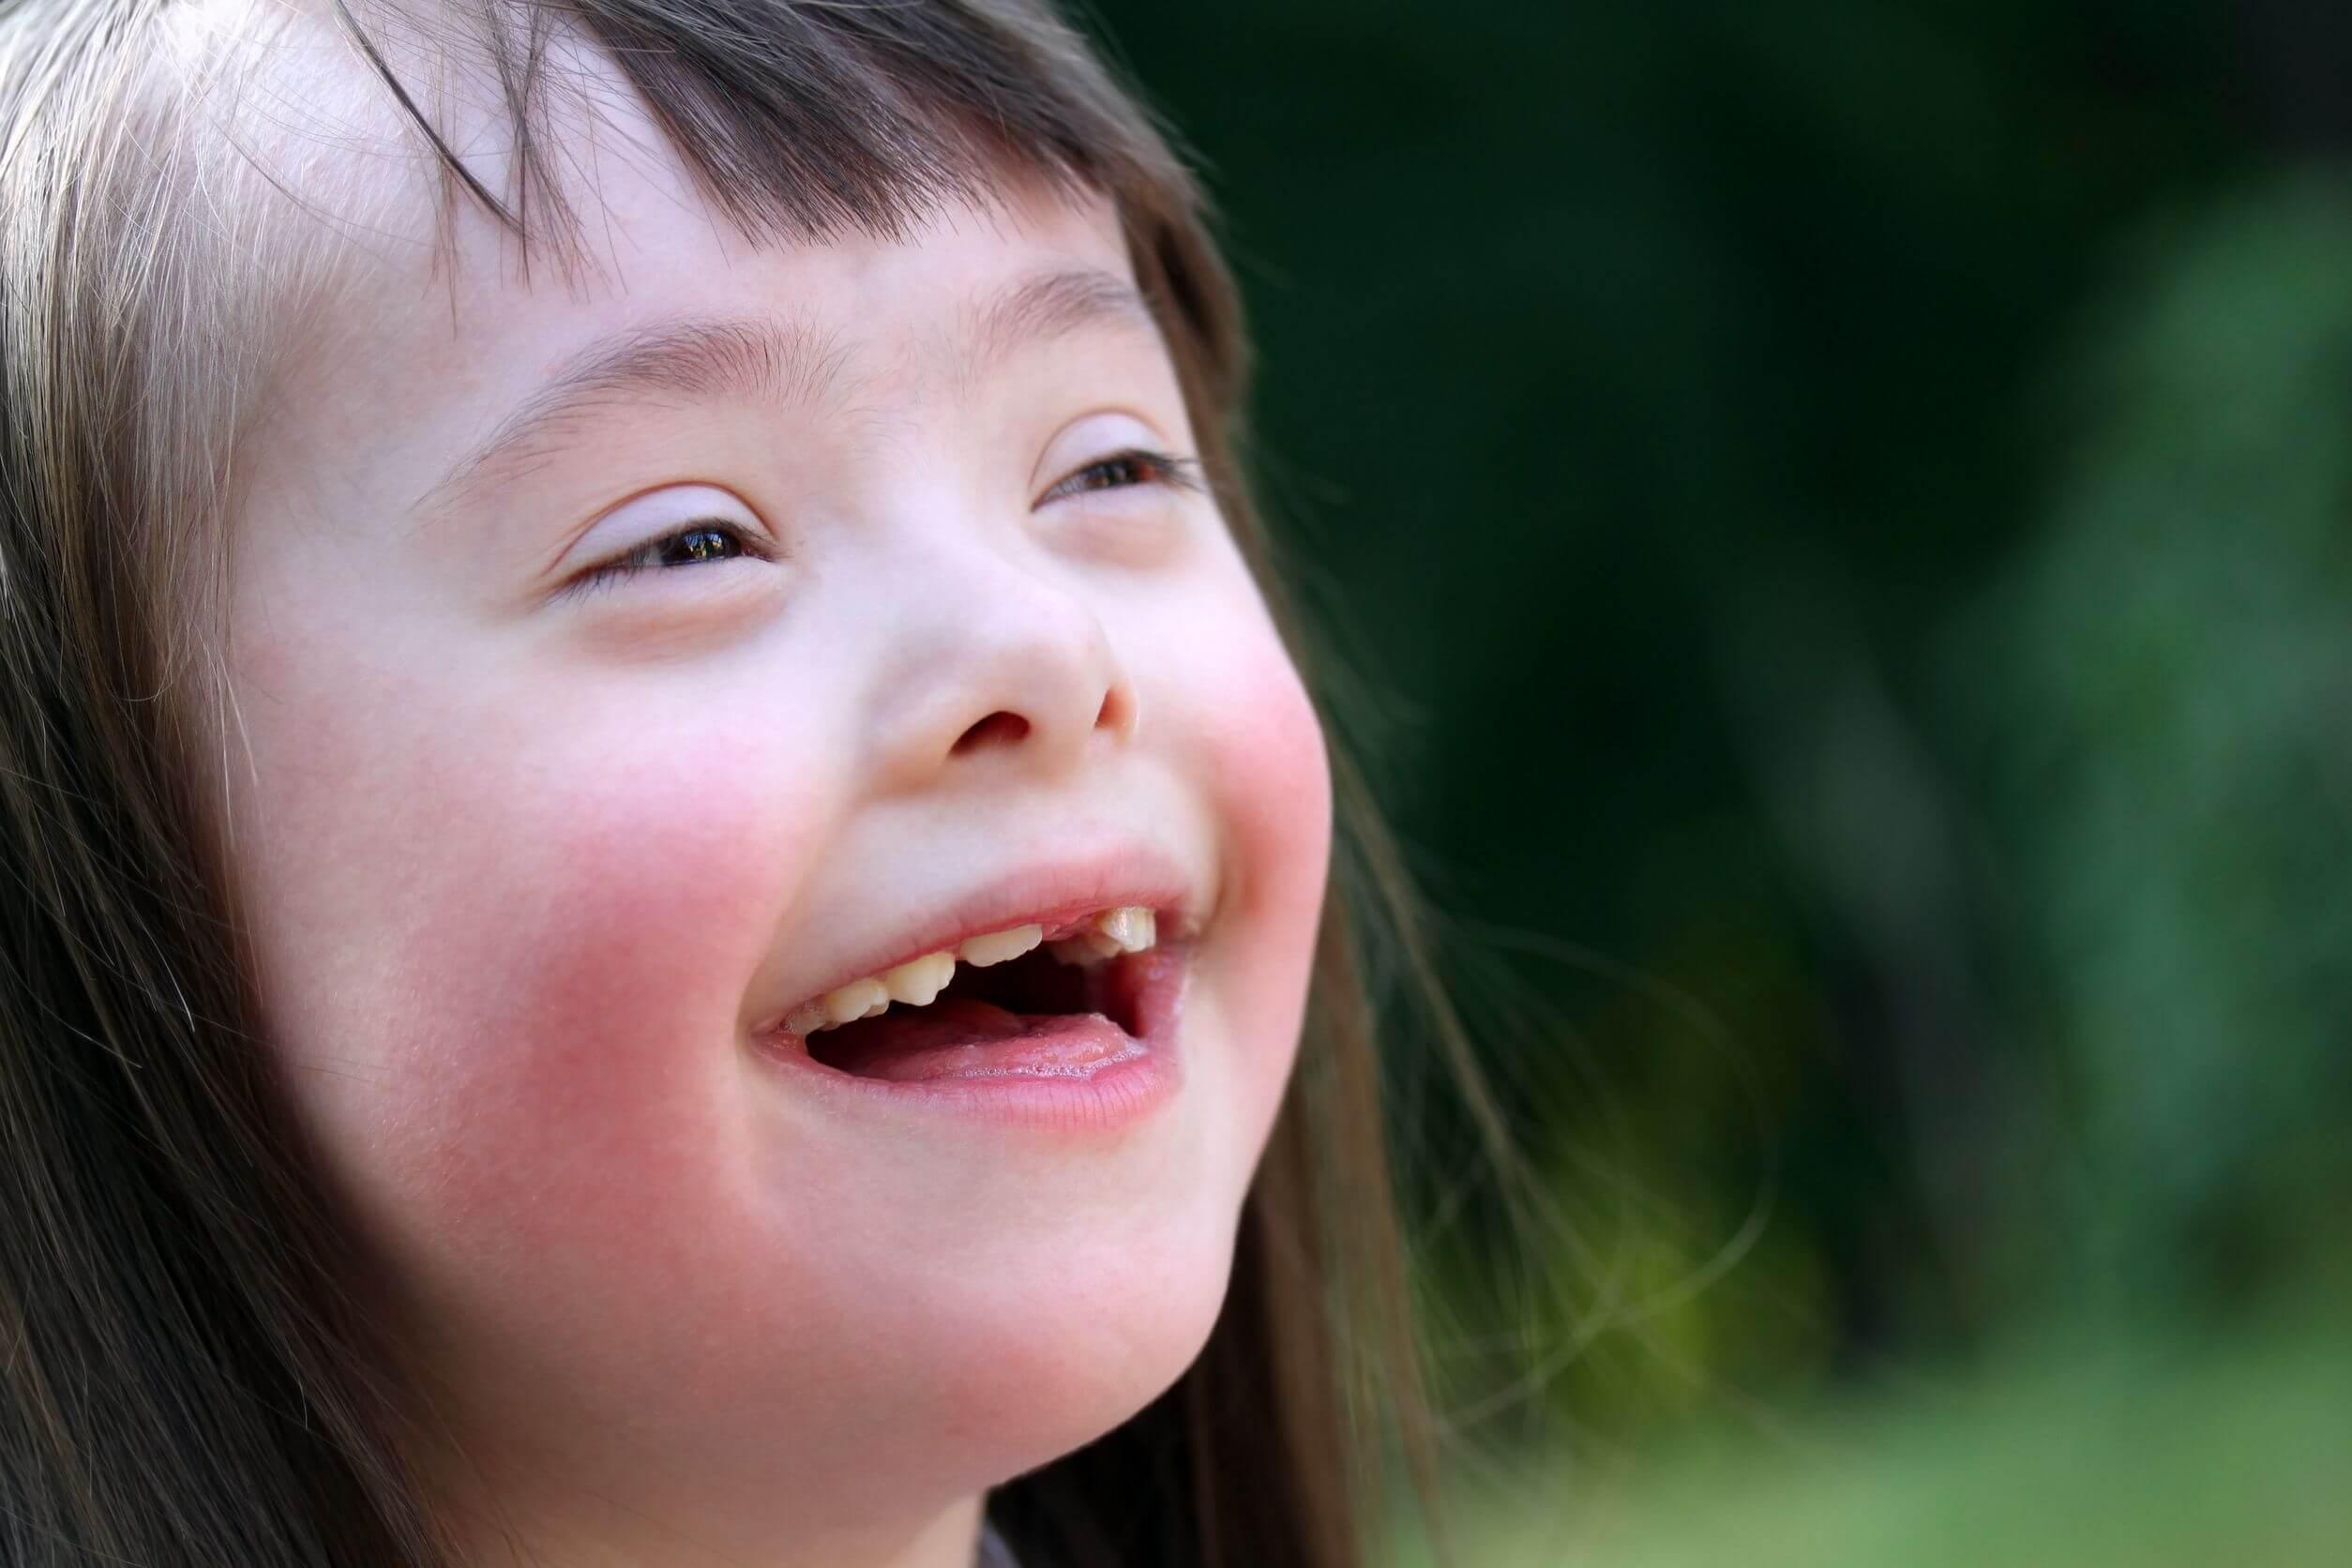 Le cause della celiachia includono la sindrome di Down